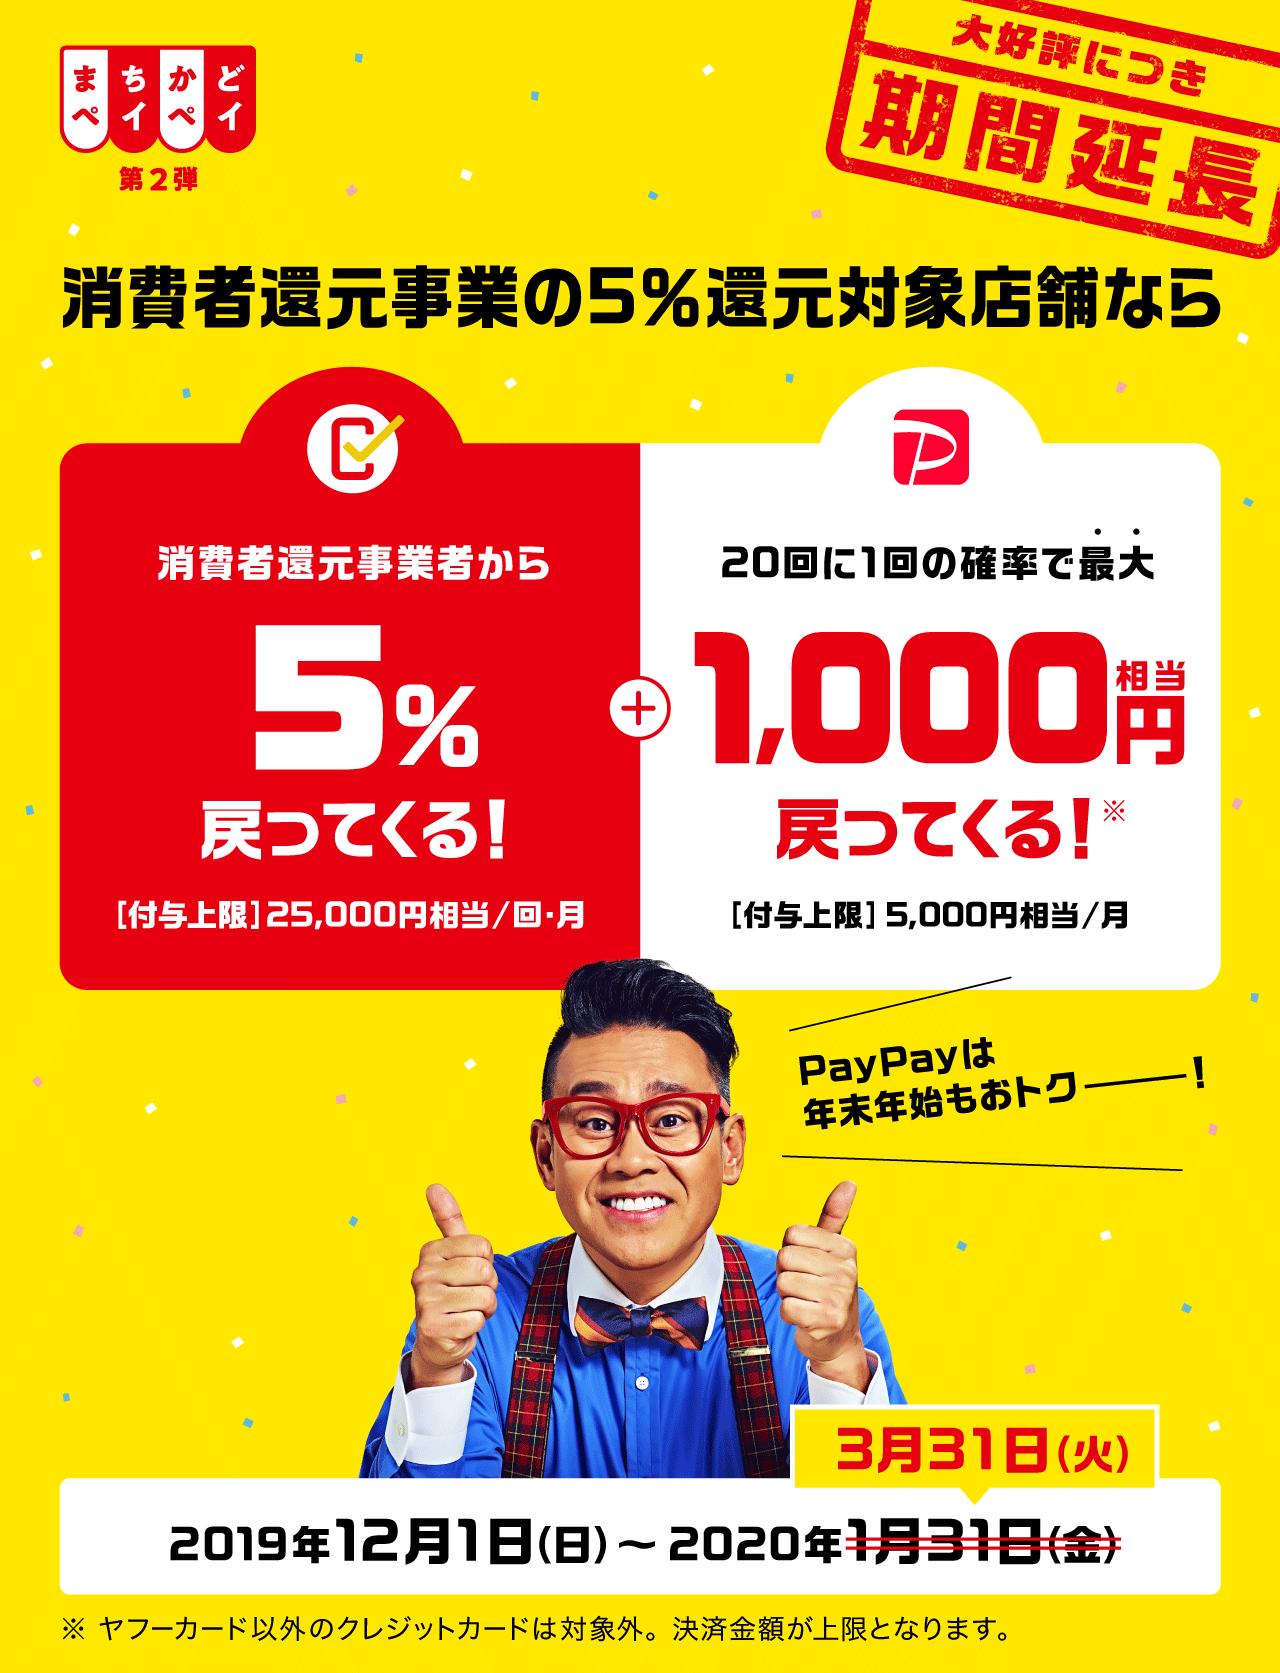 消費者還元対象店舗の5%還元対象店舗なら 消費者還元事業から5%戻ってくる! + 20回に1回の確率で最大1,000円相当戻ってくる!